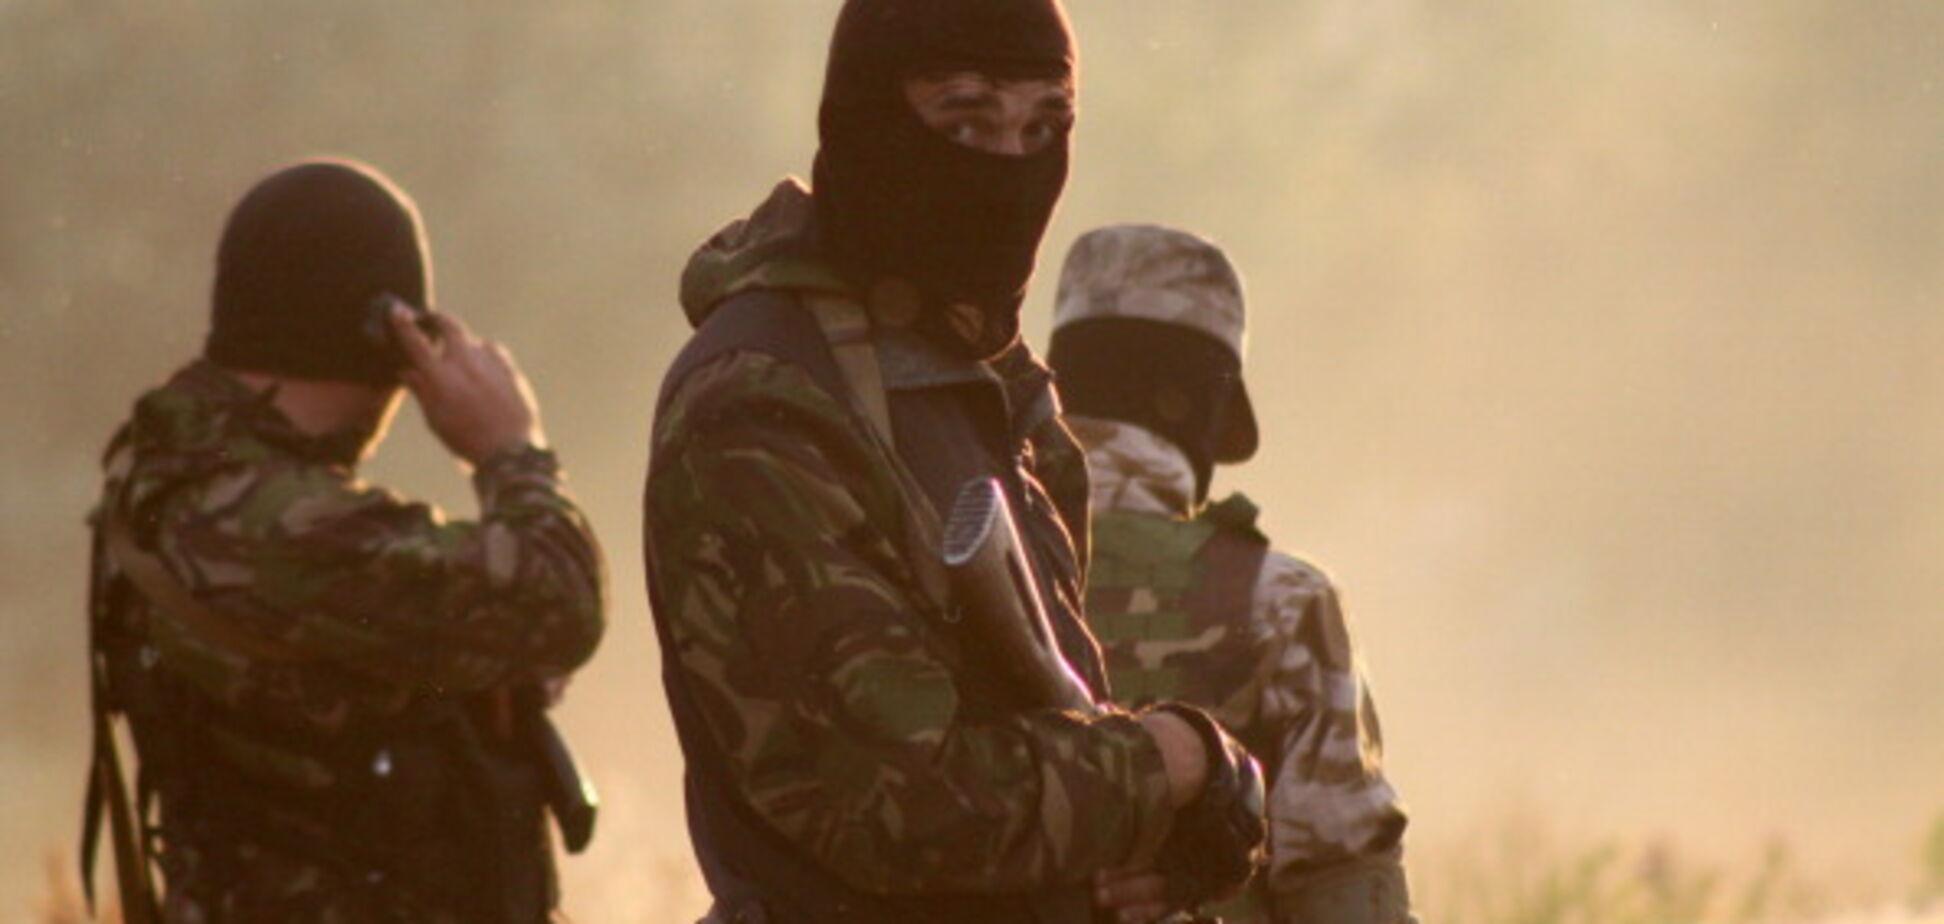 'У нас не Луганск': опальный террорист предрек 'реки крови' в 'ДНР'